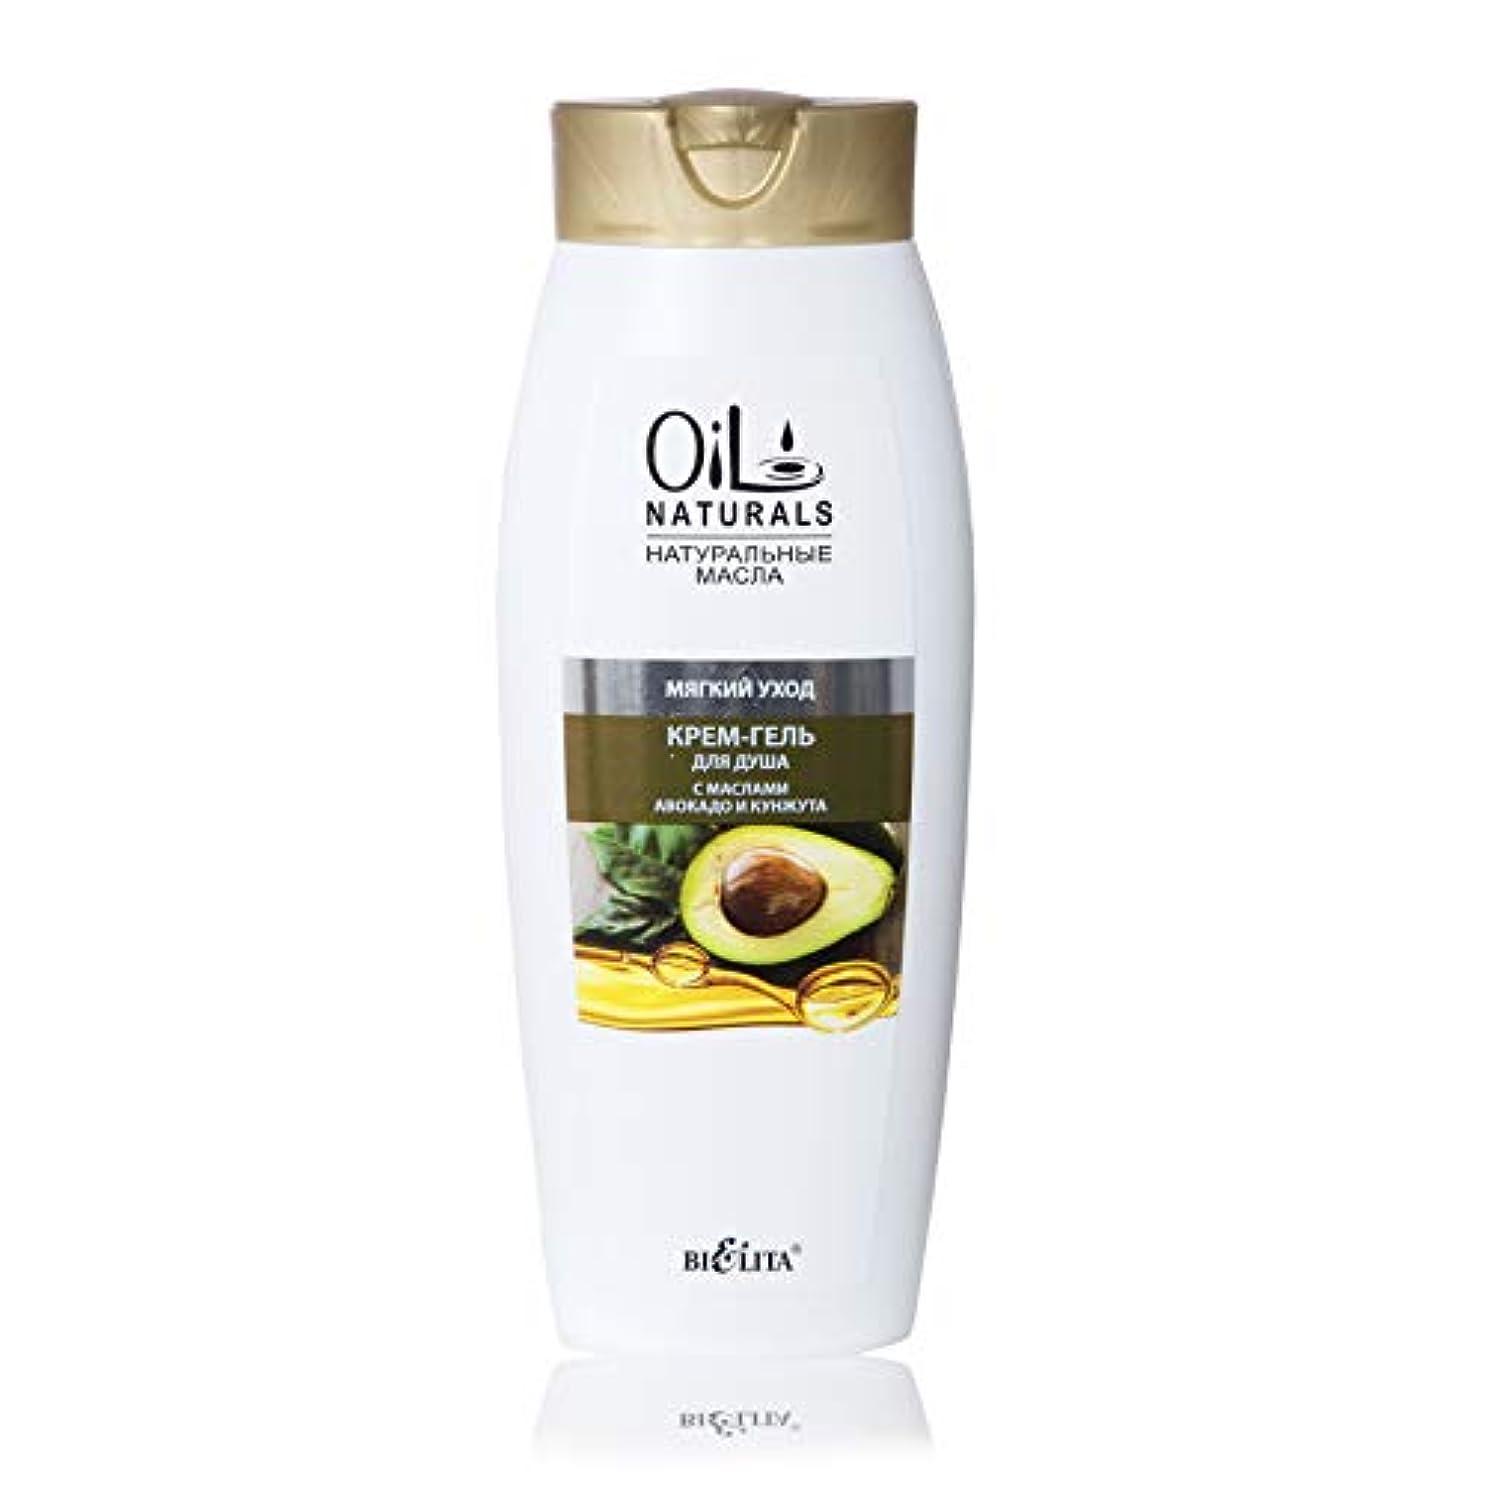 バーペルメル気がついてBielita & Vitex Oil Naturals Line   Soft Care Creamy Shower Gel, 430 ml   Avocado Oil, Silk Proteins, Sesame Oil, Vitamins